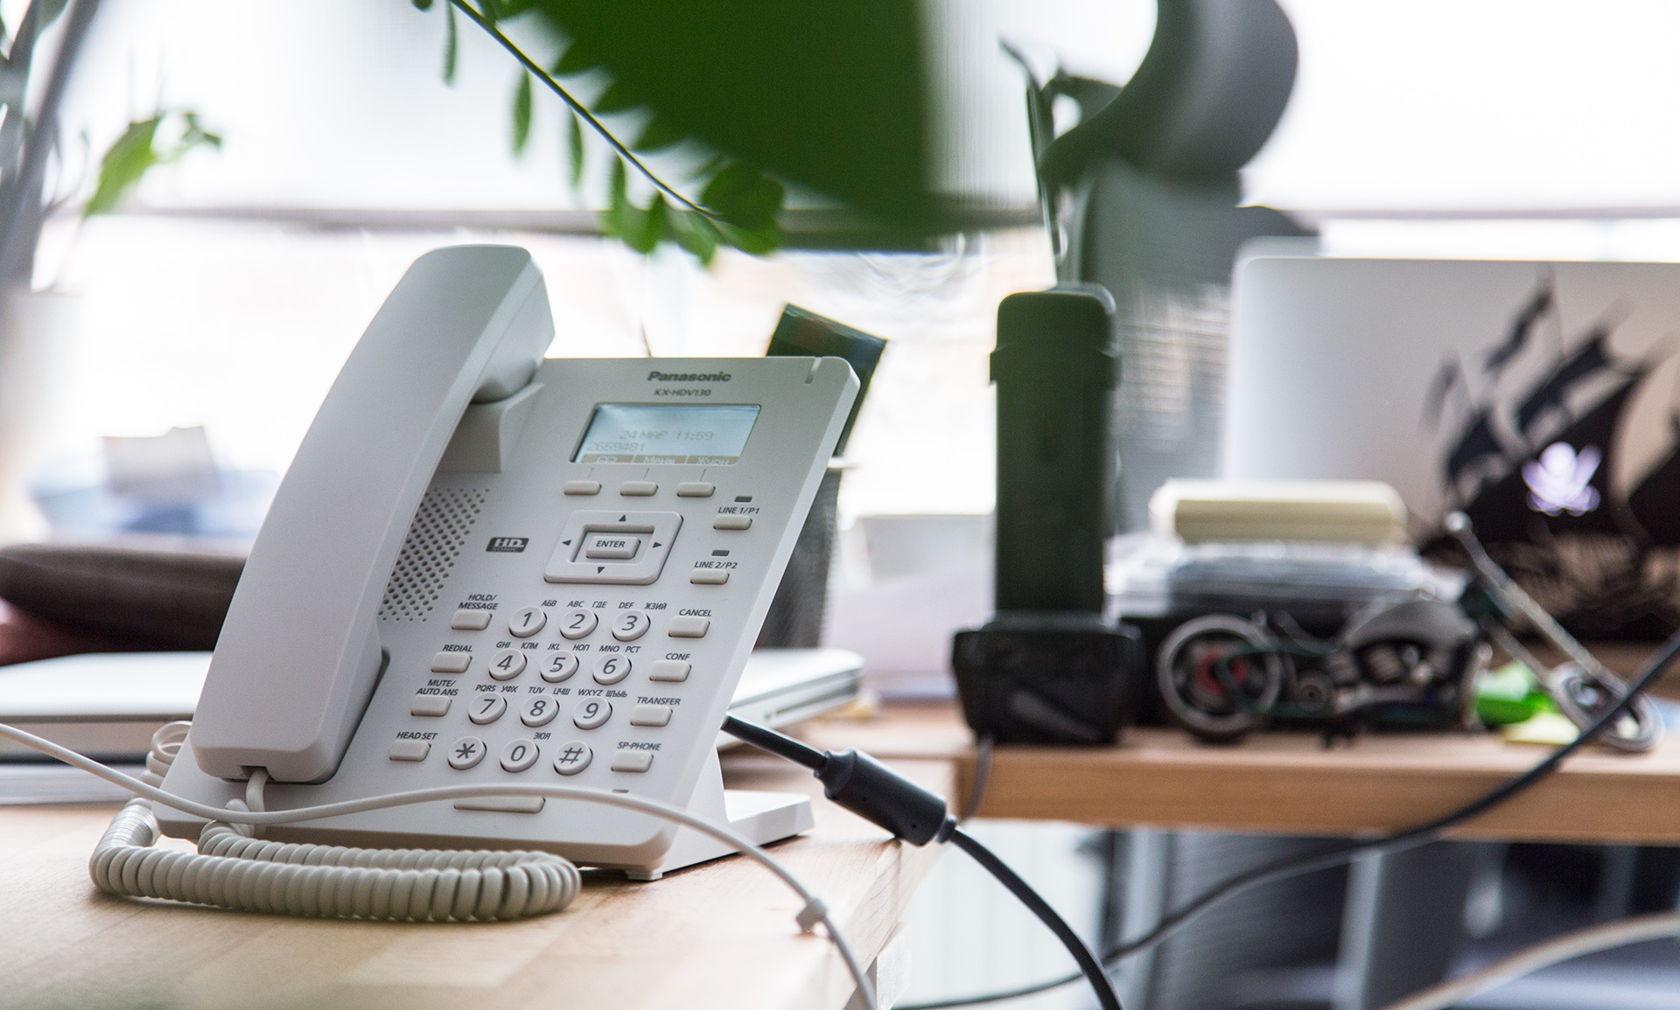 Проводной SIP-телефон Panasonic - 2